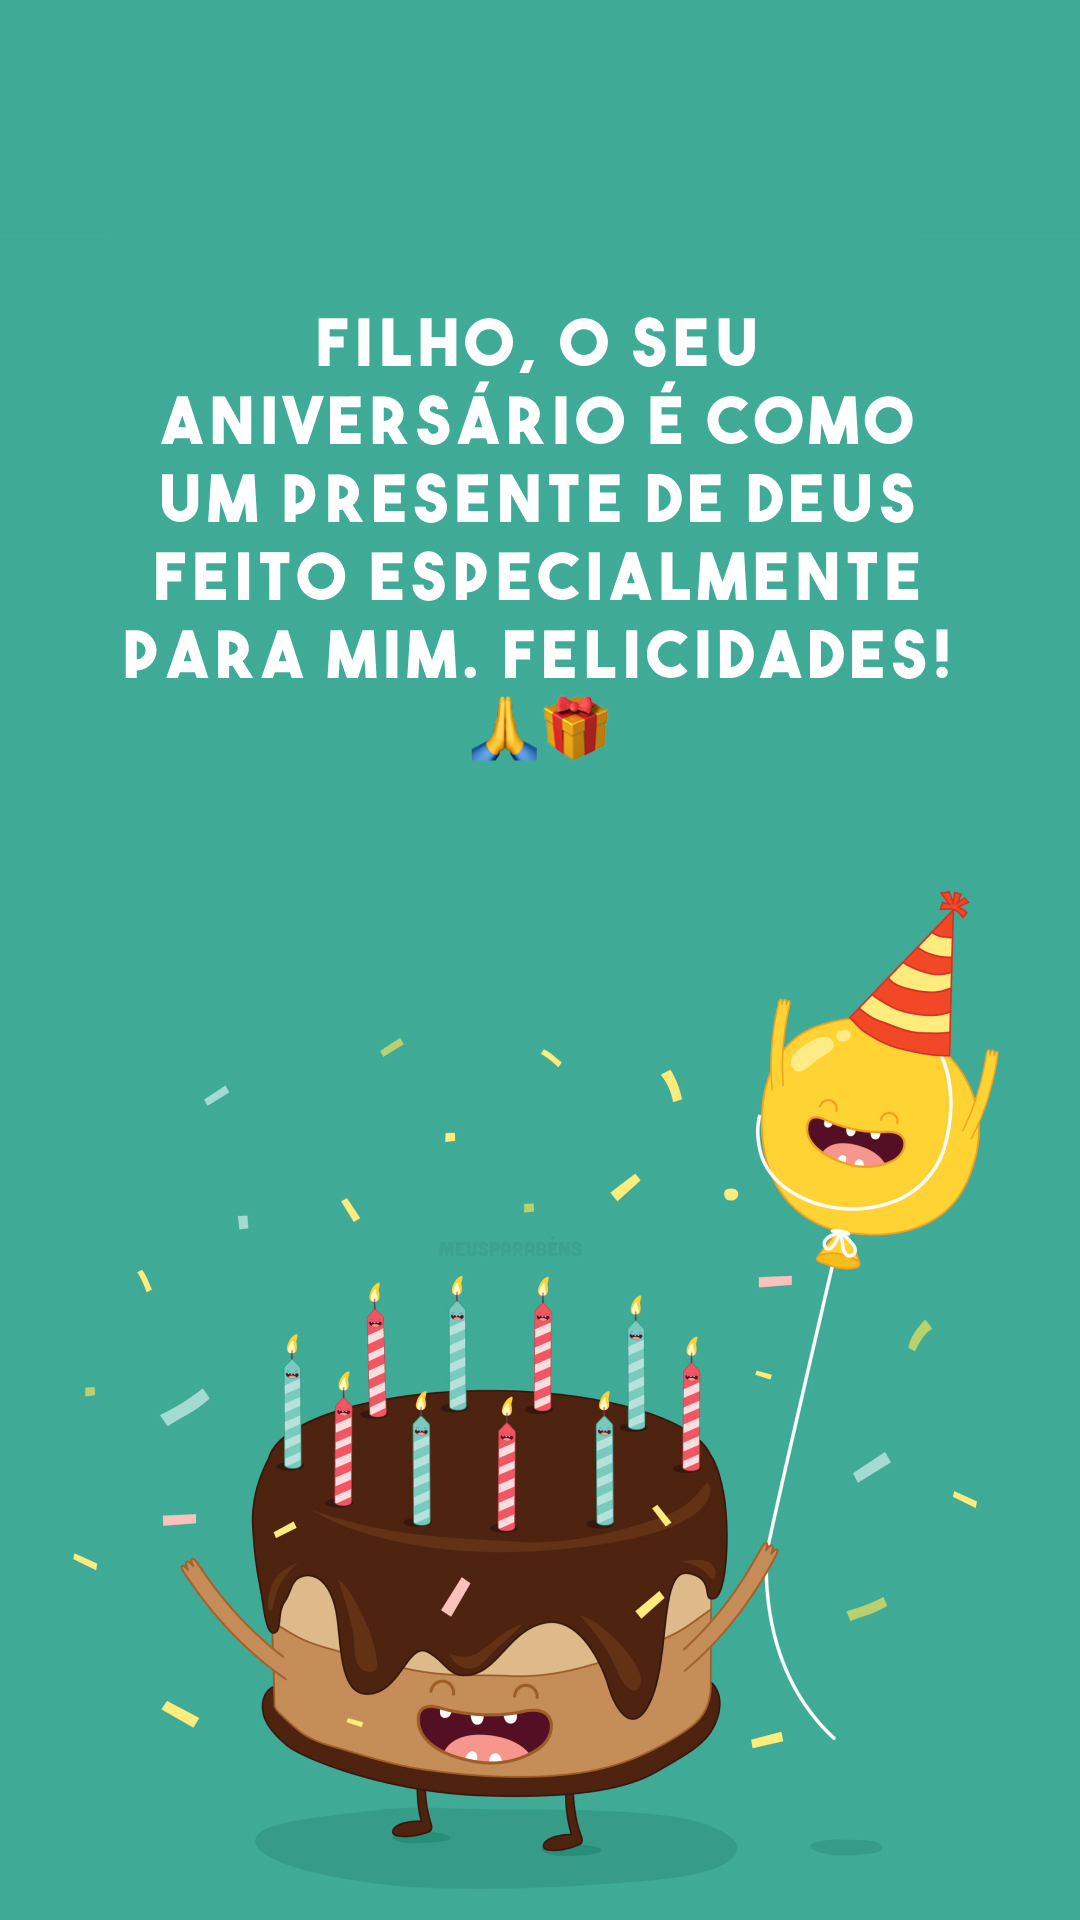 Filho, o seu aniversário é como um presente de Deus feito especialmente para mim. Felicidades! 🙏🎁